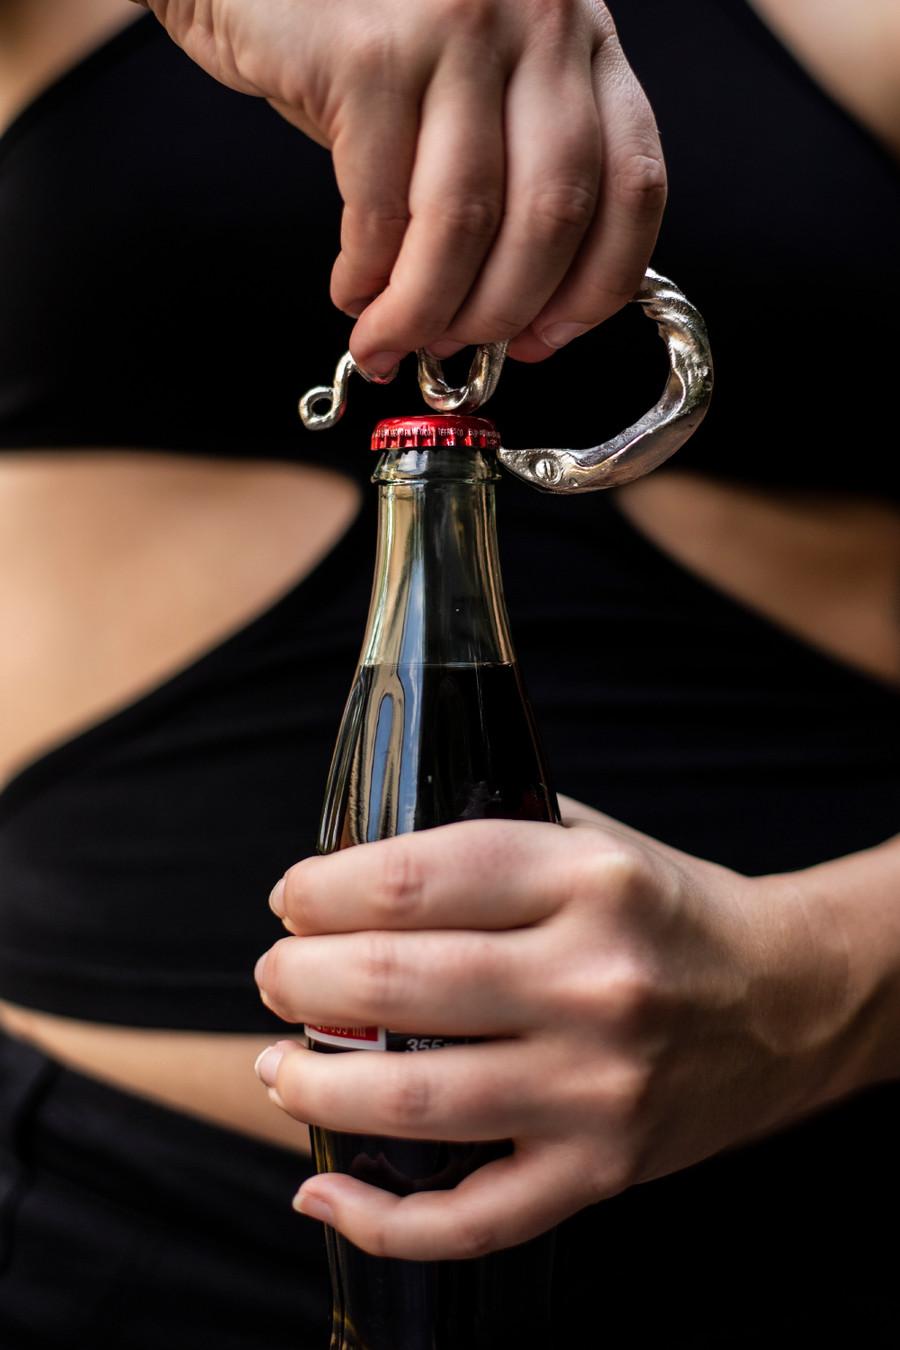 Cobra Bottle Opener